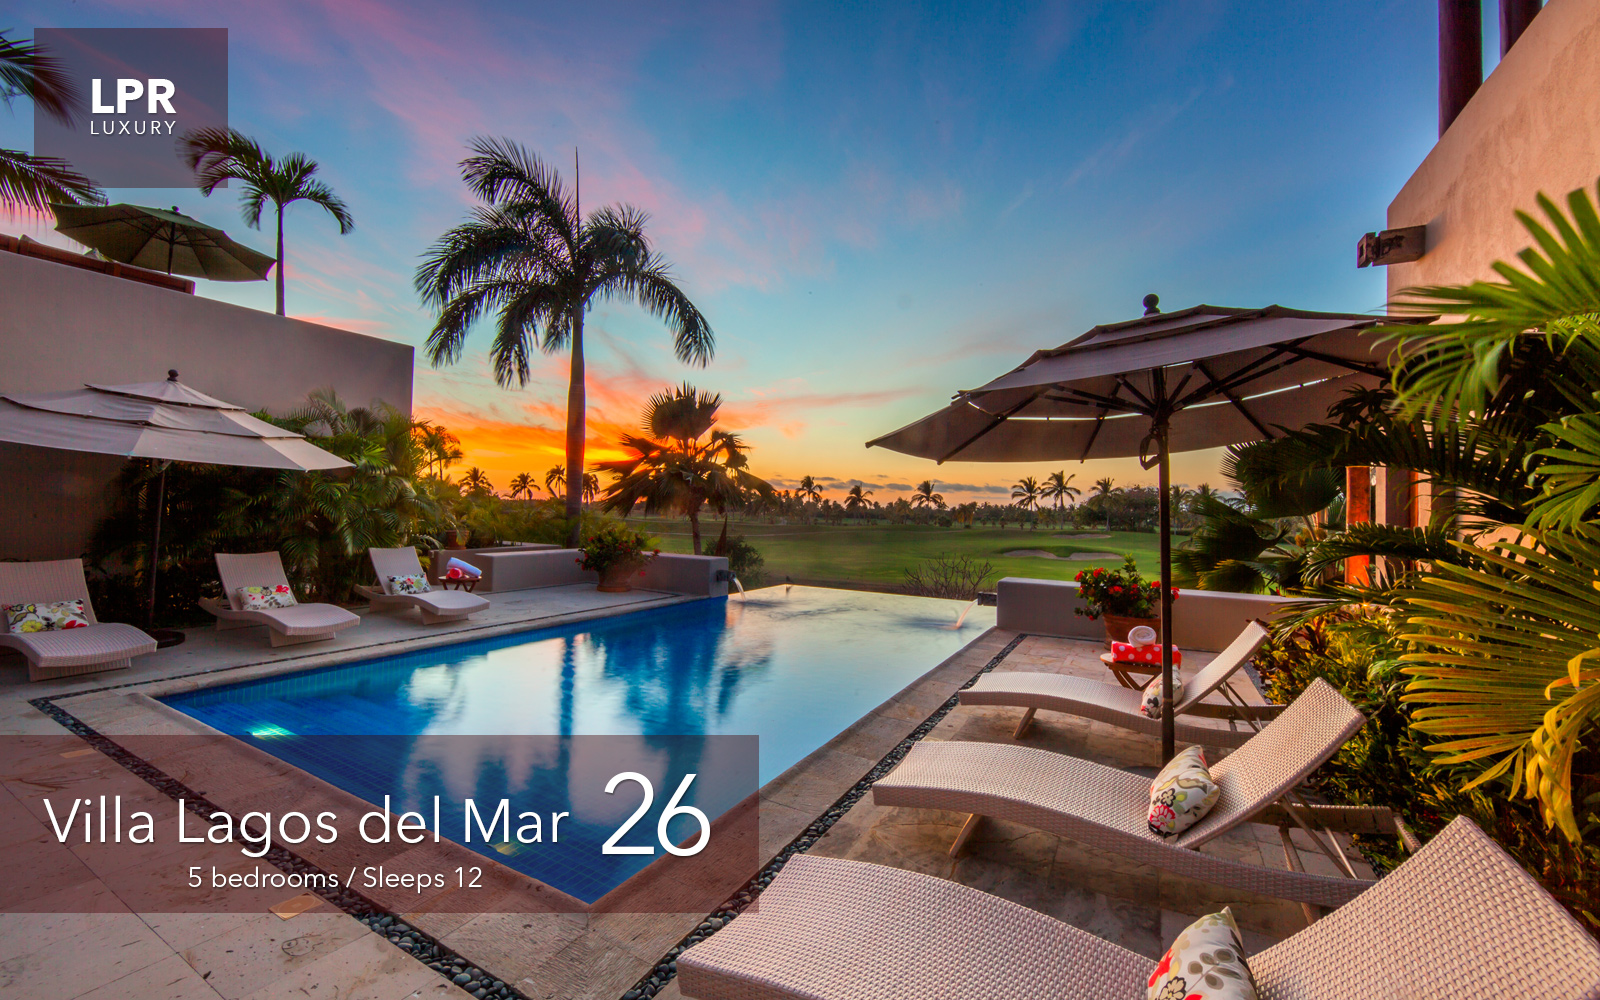 Villa Lagos del Mar 26 - Luxury vacation rental villa at the Punta Mita Resort - Luxury real estate for sale